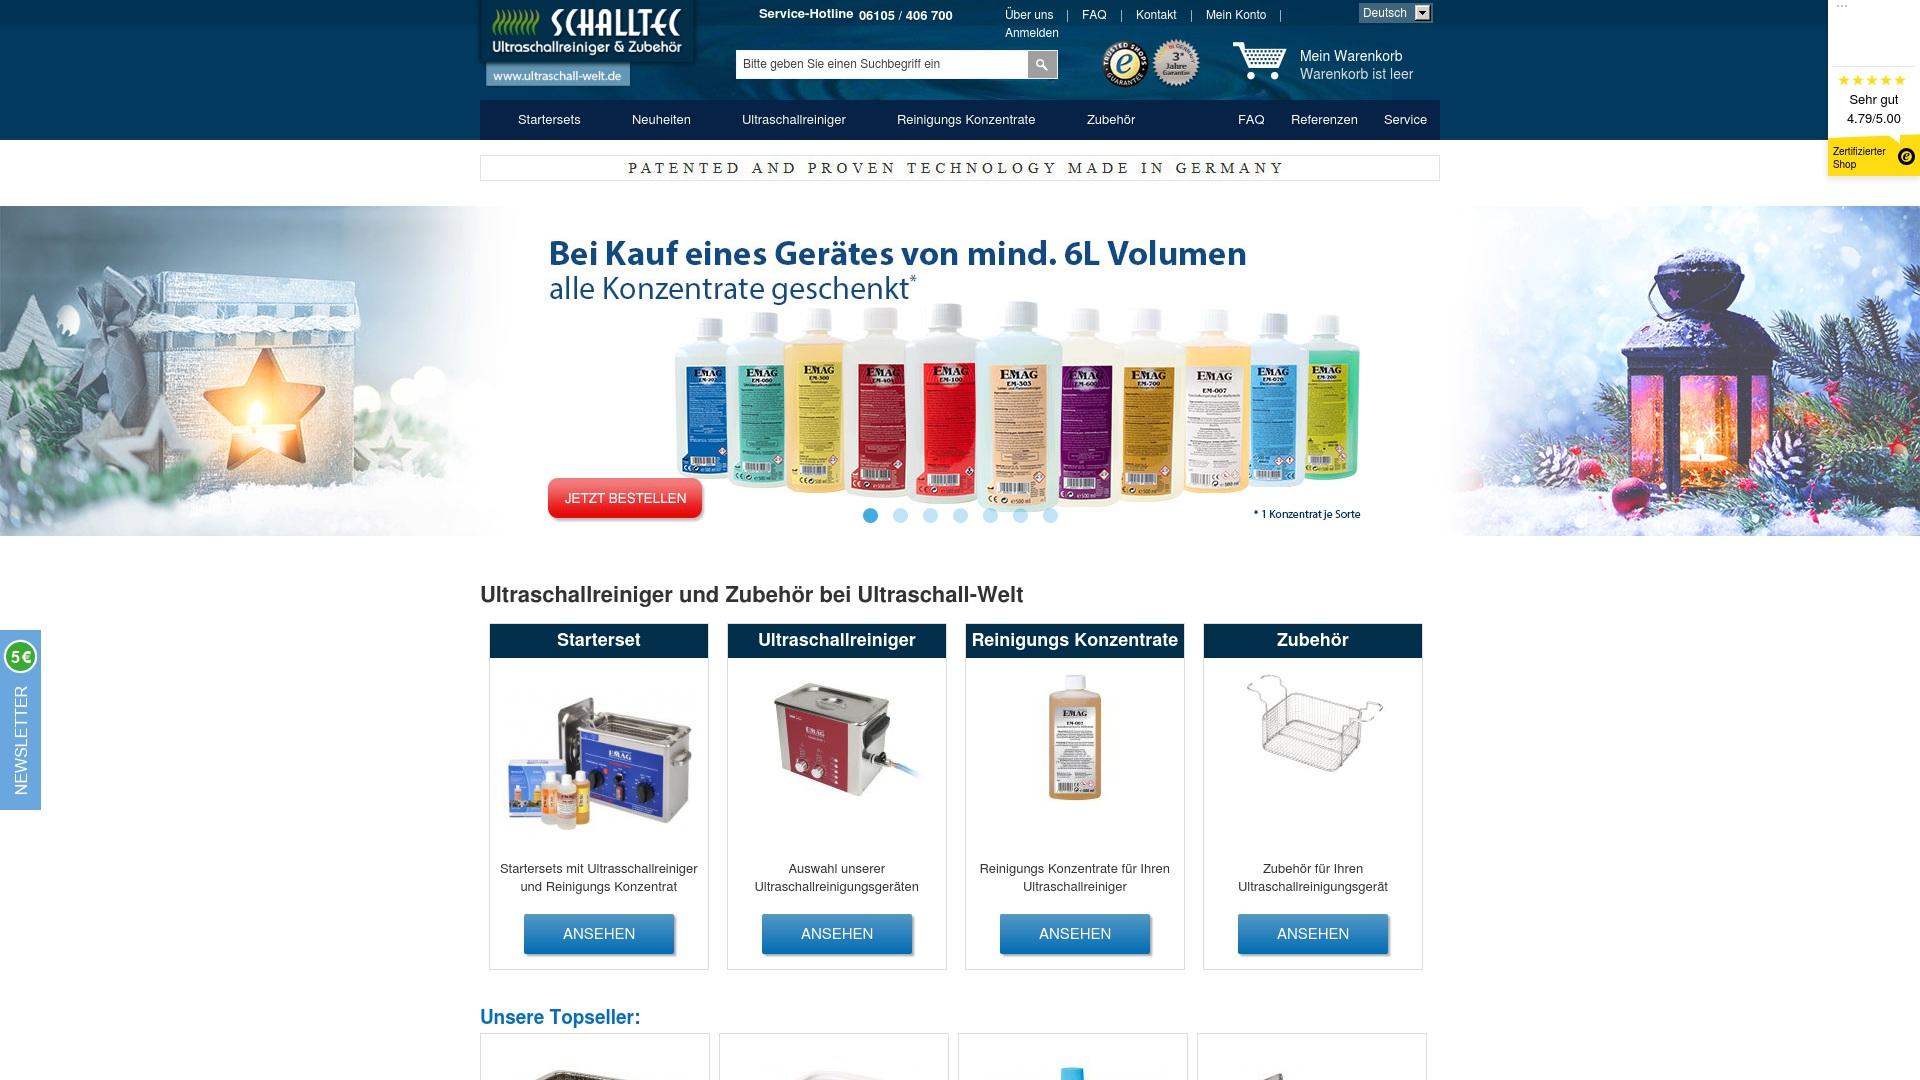 Gutschein für Ultraschall-welt: Rabatte für  Ultraschall-welt sichern